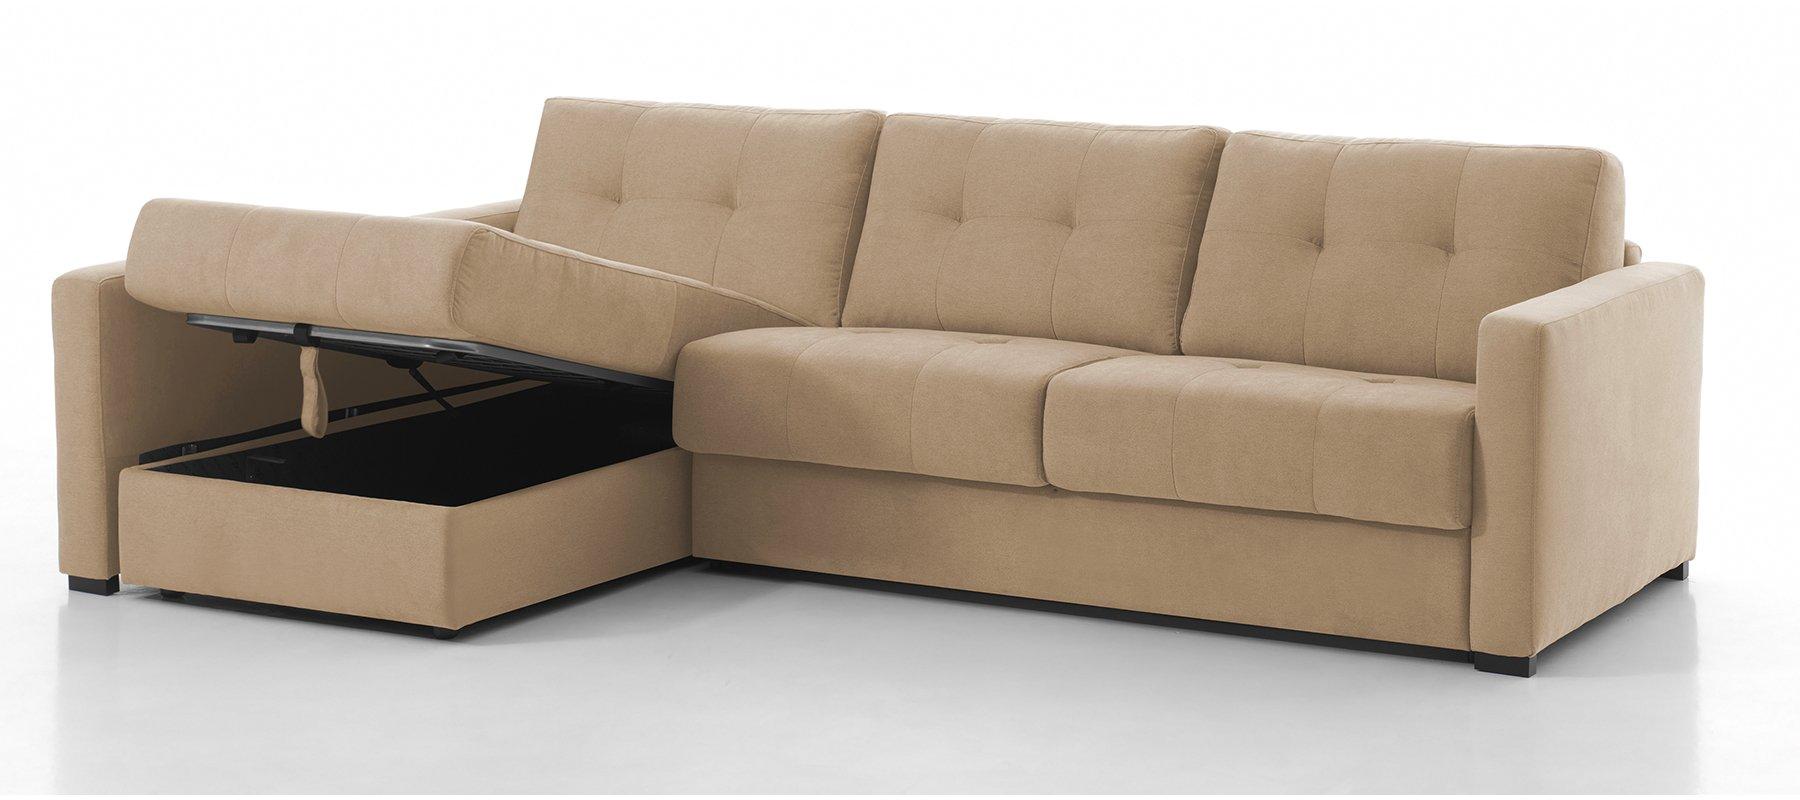 RENNES - Largeur 238 cm - Canapé d'angle convertible - Méridienne à gauche - Couchage 120 cm